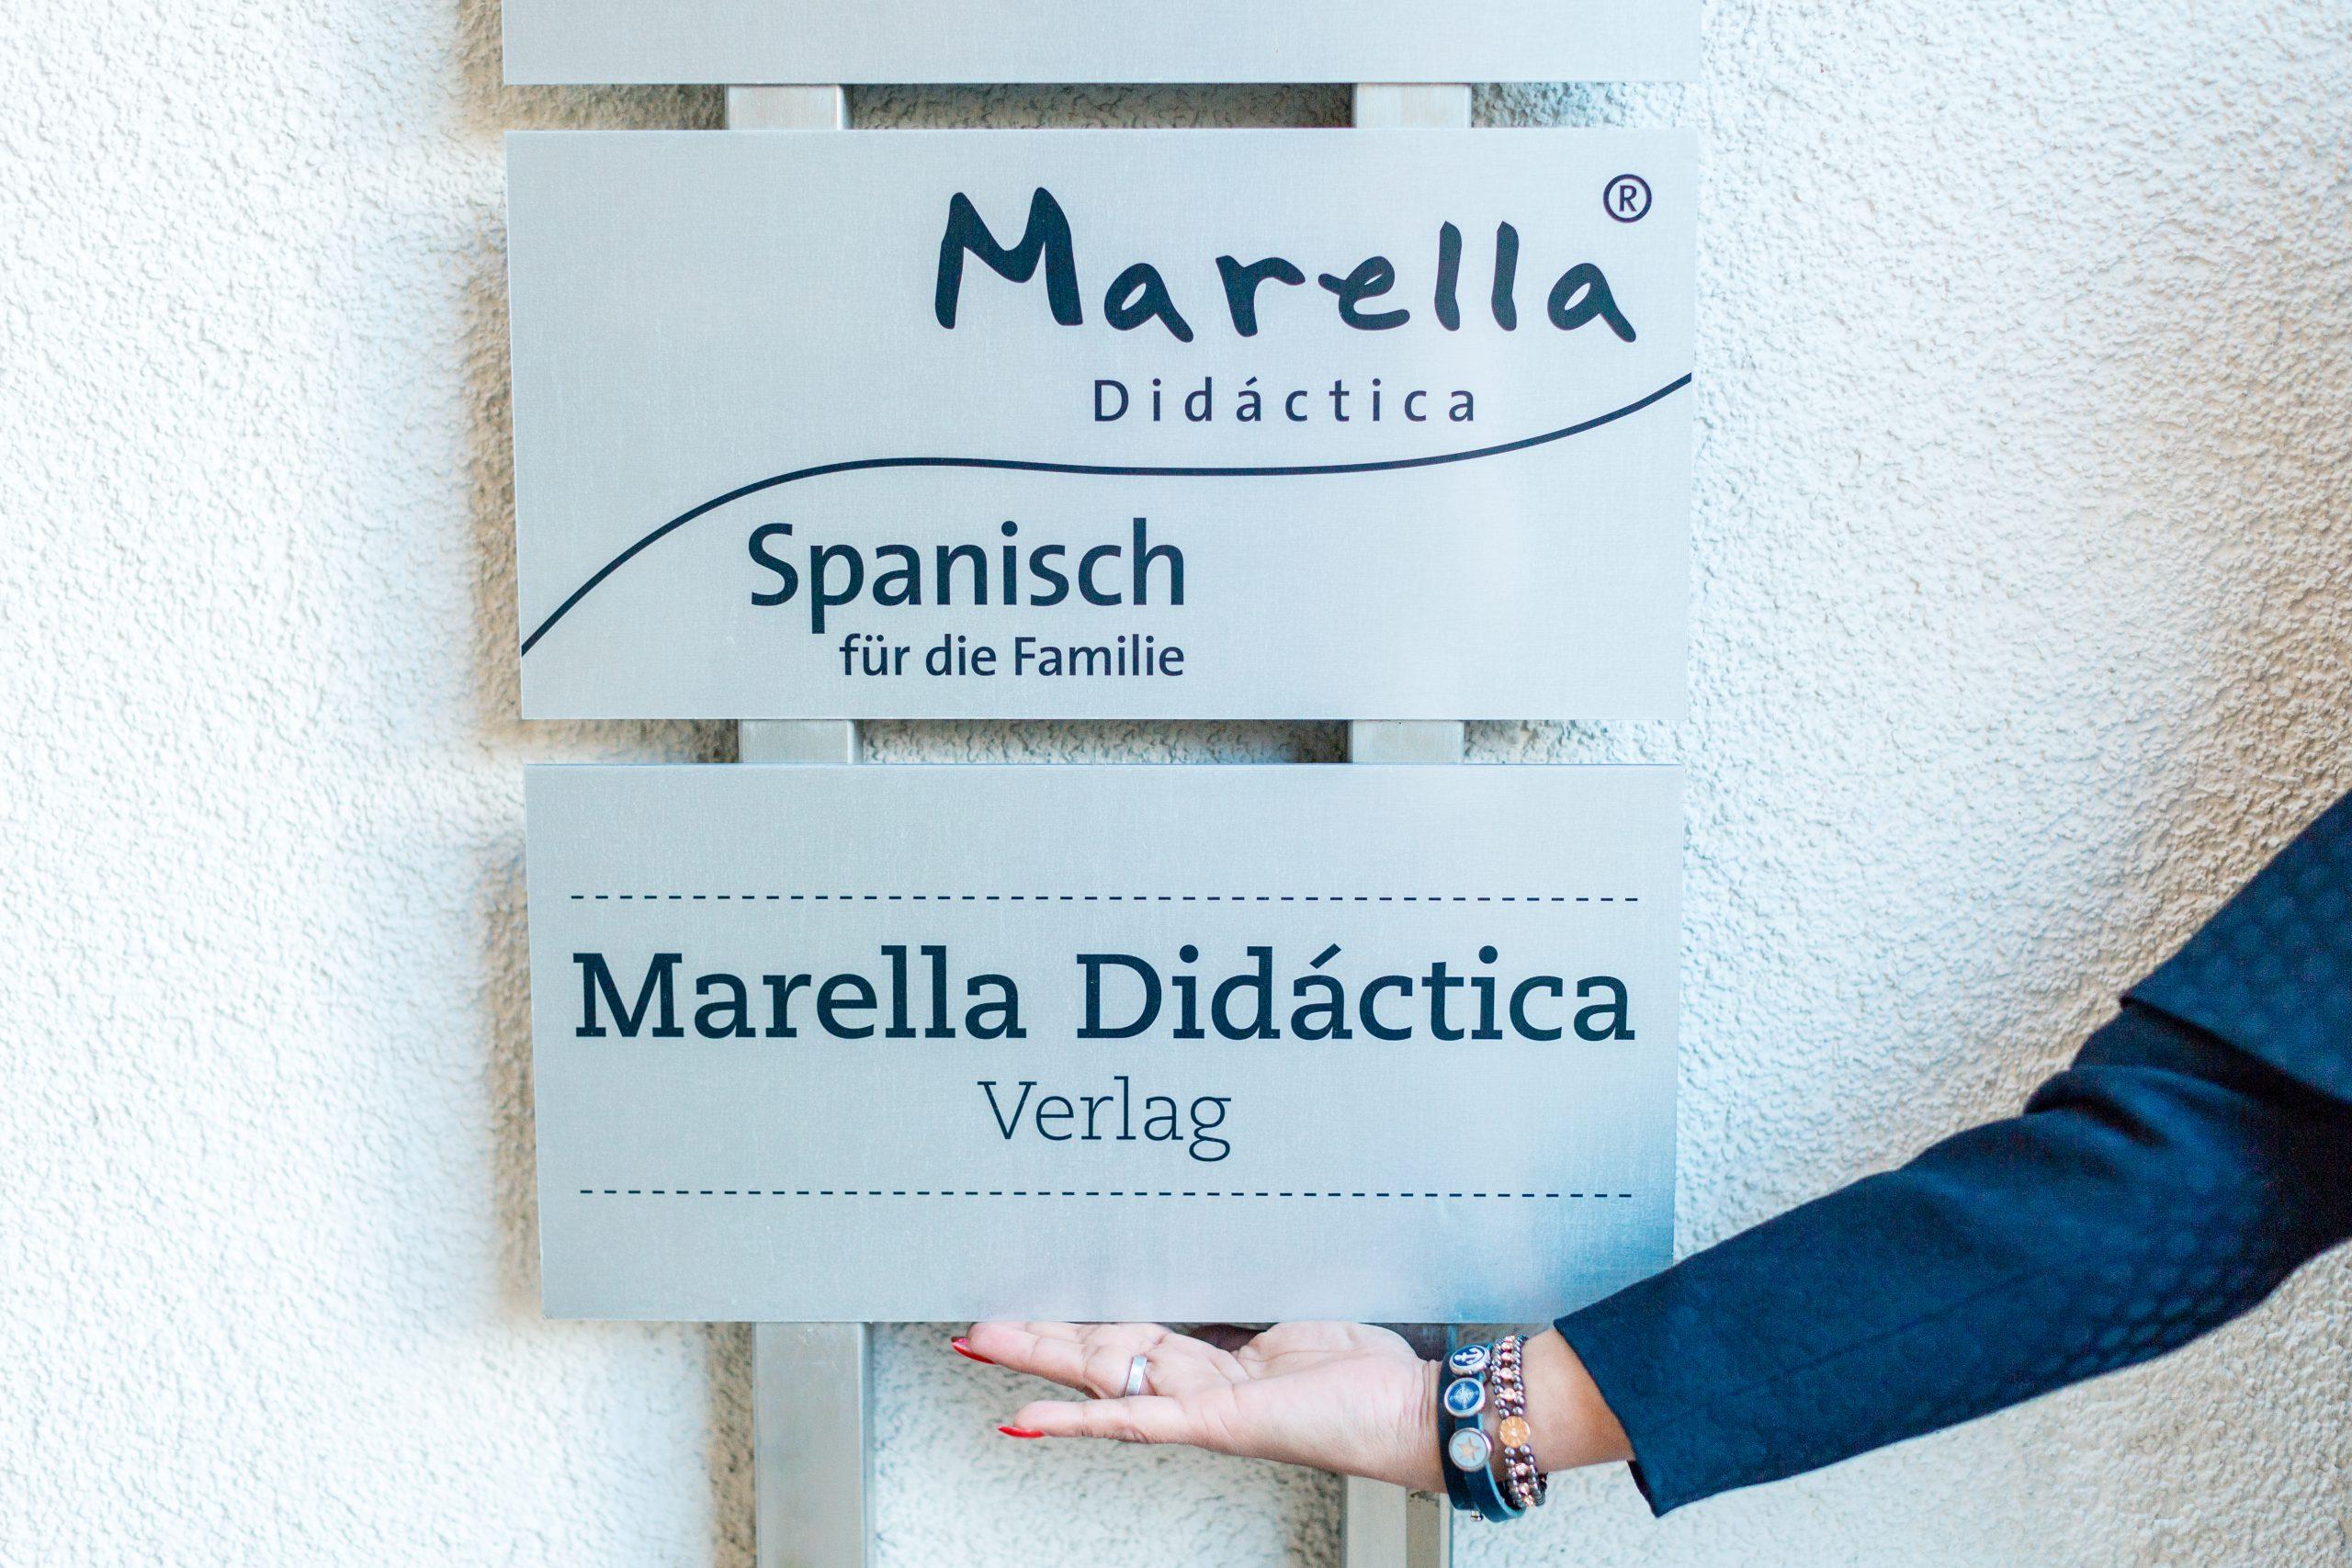 Marella Didactica